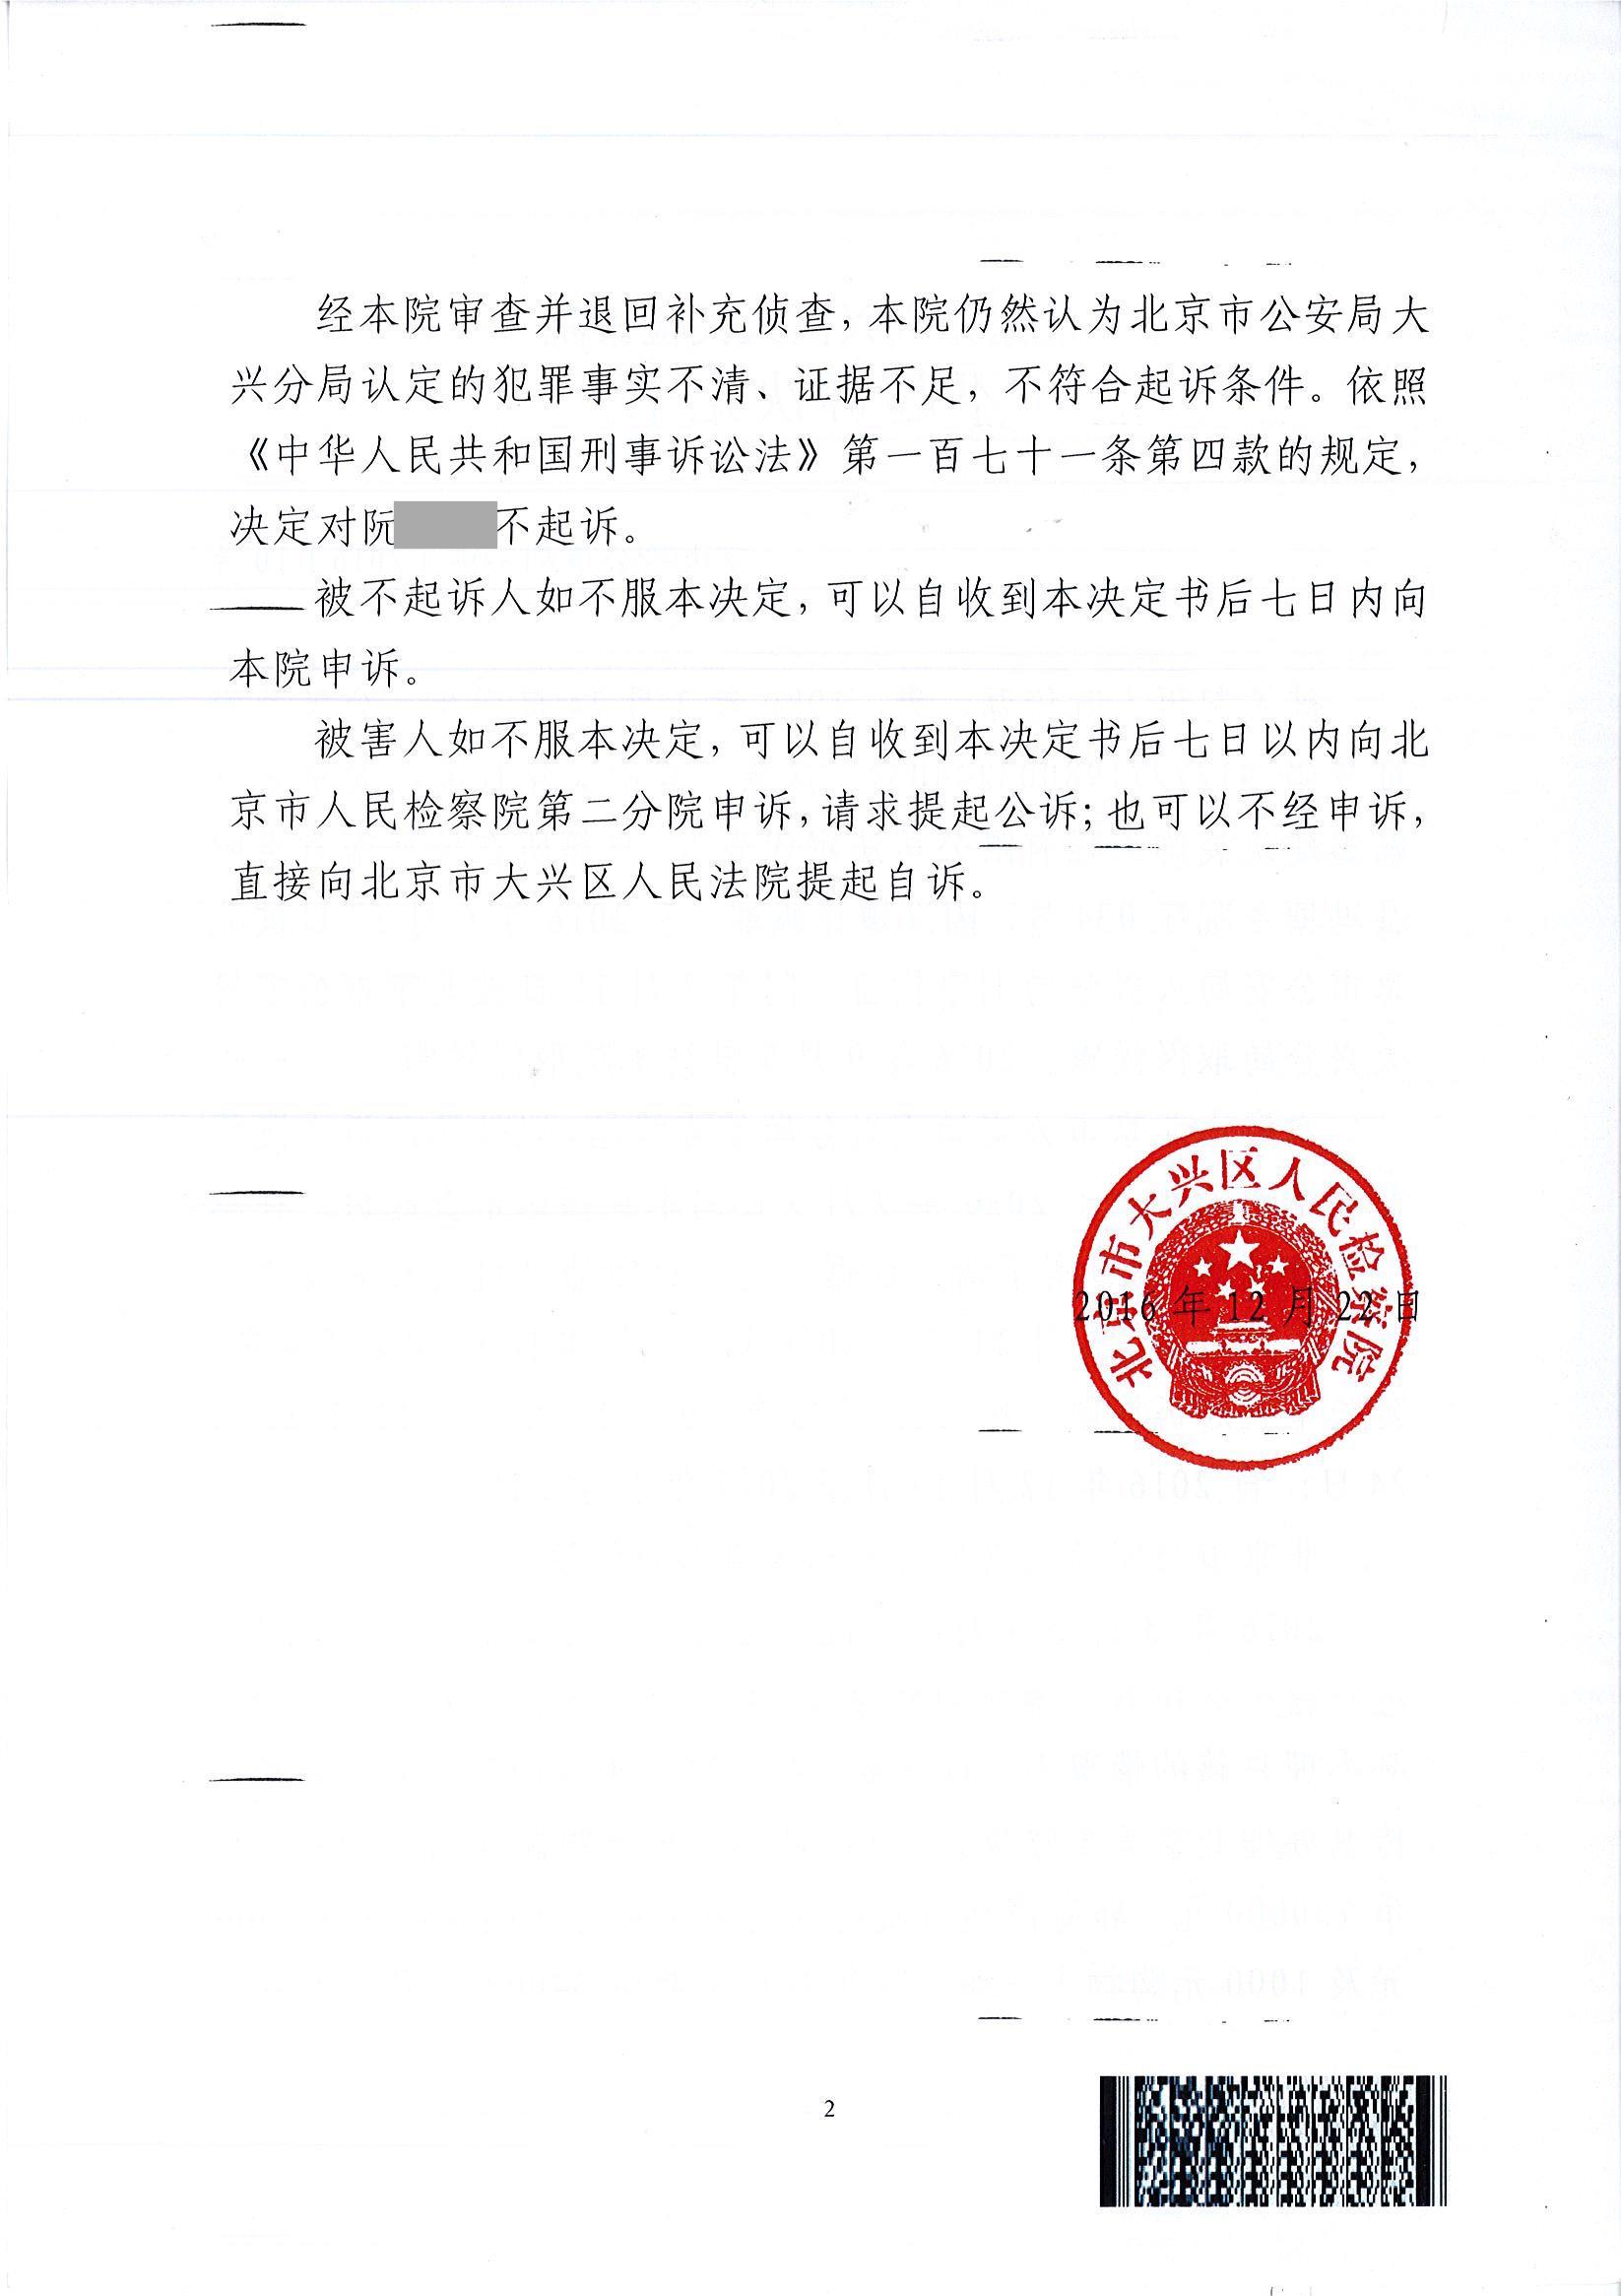 阮传磊不起诉决定书-京大检公诉刑不诉【2016】10号-222.jpg